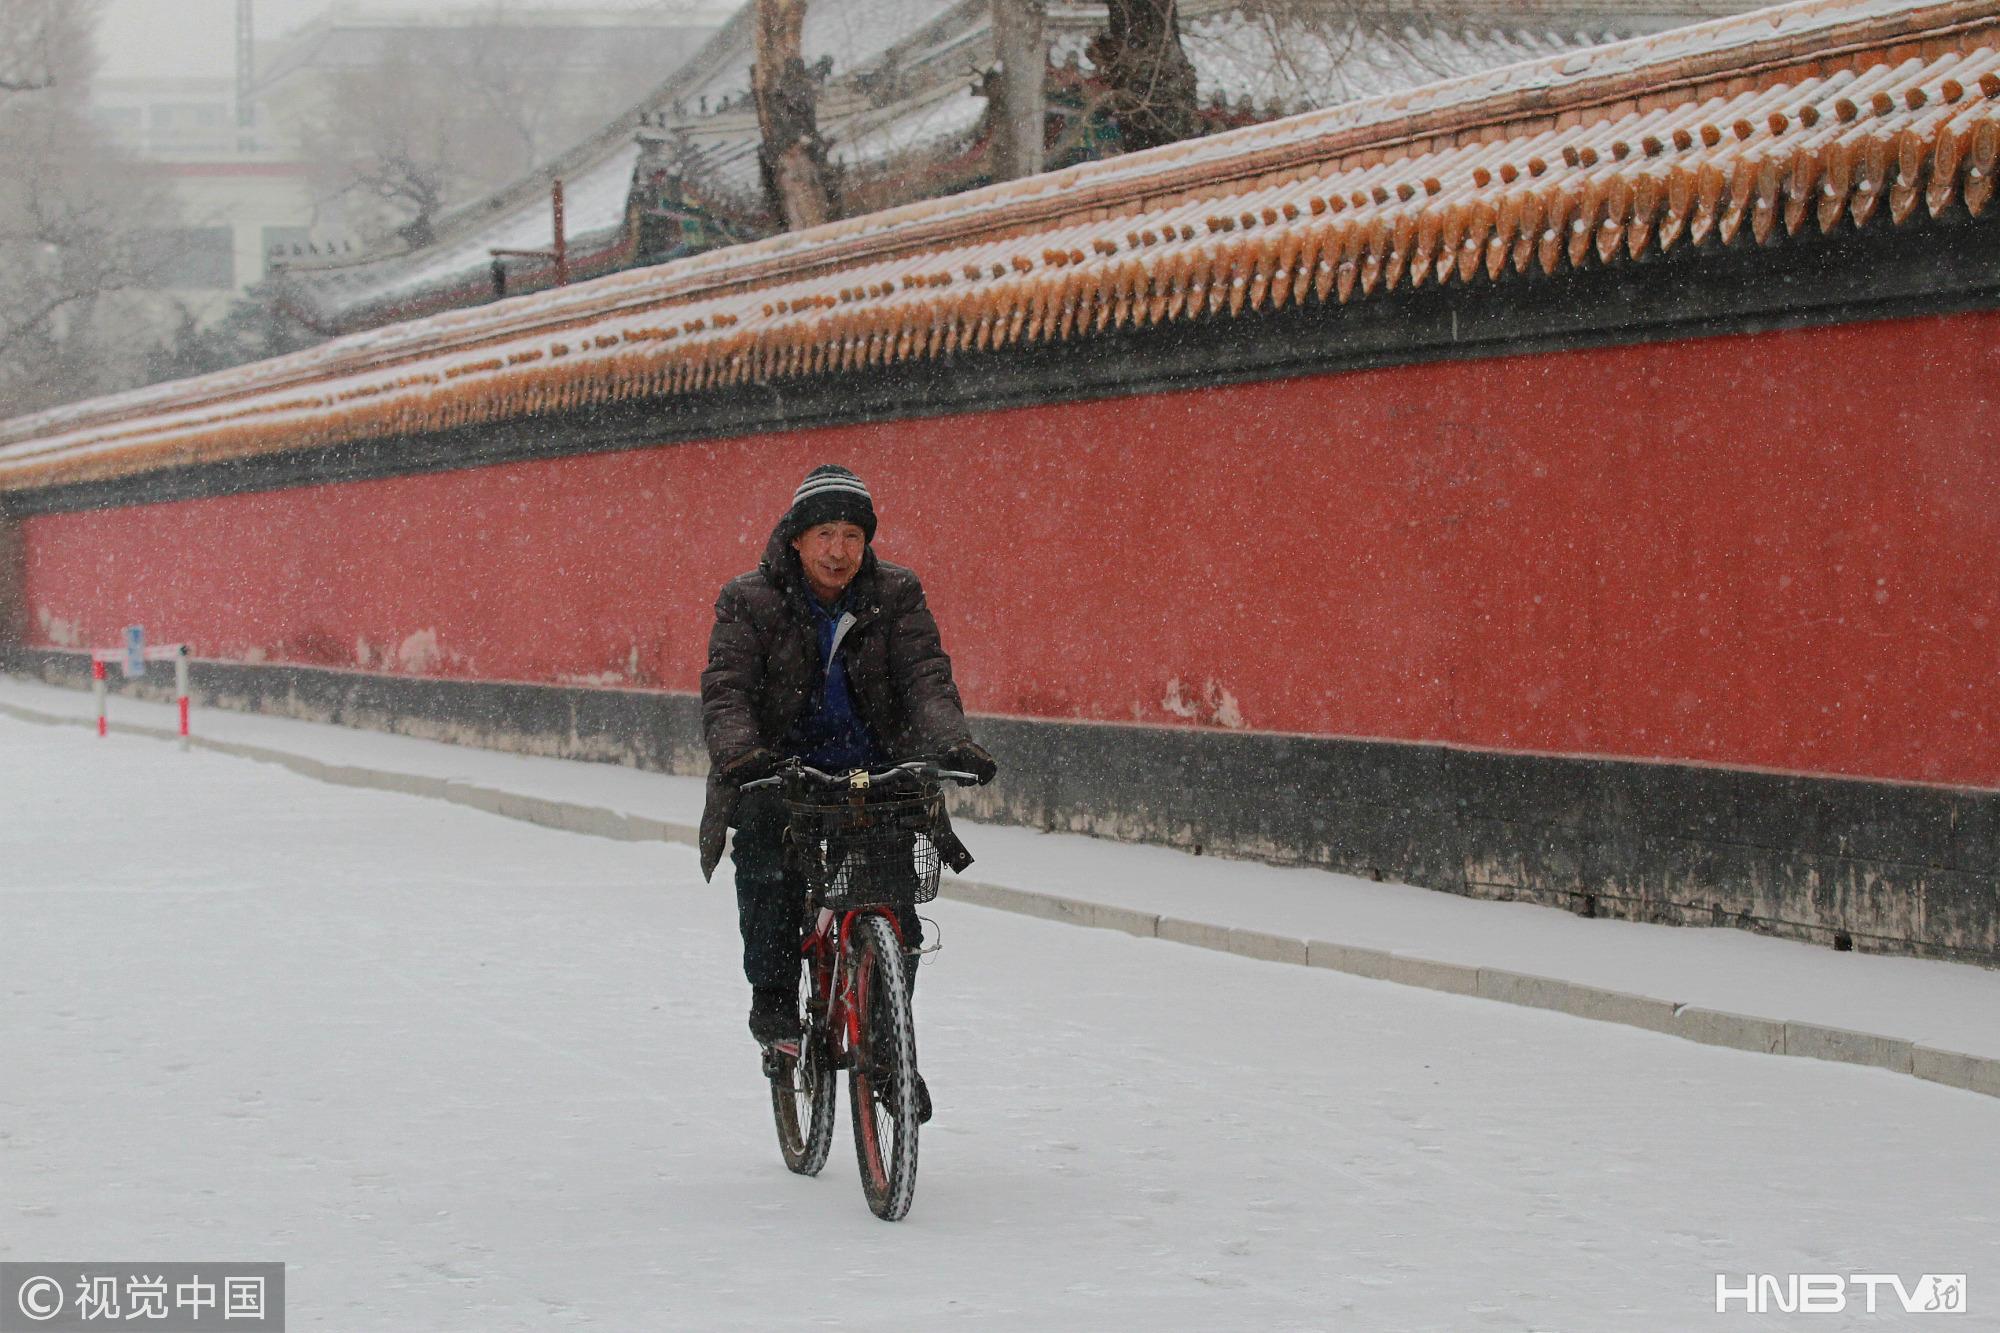 哈尔滨:大雪中的文庙红墙黄瓦宛如琉璃世界(组图)